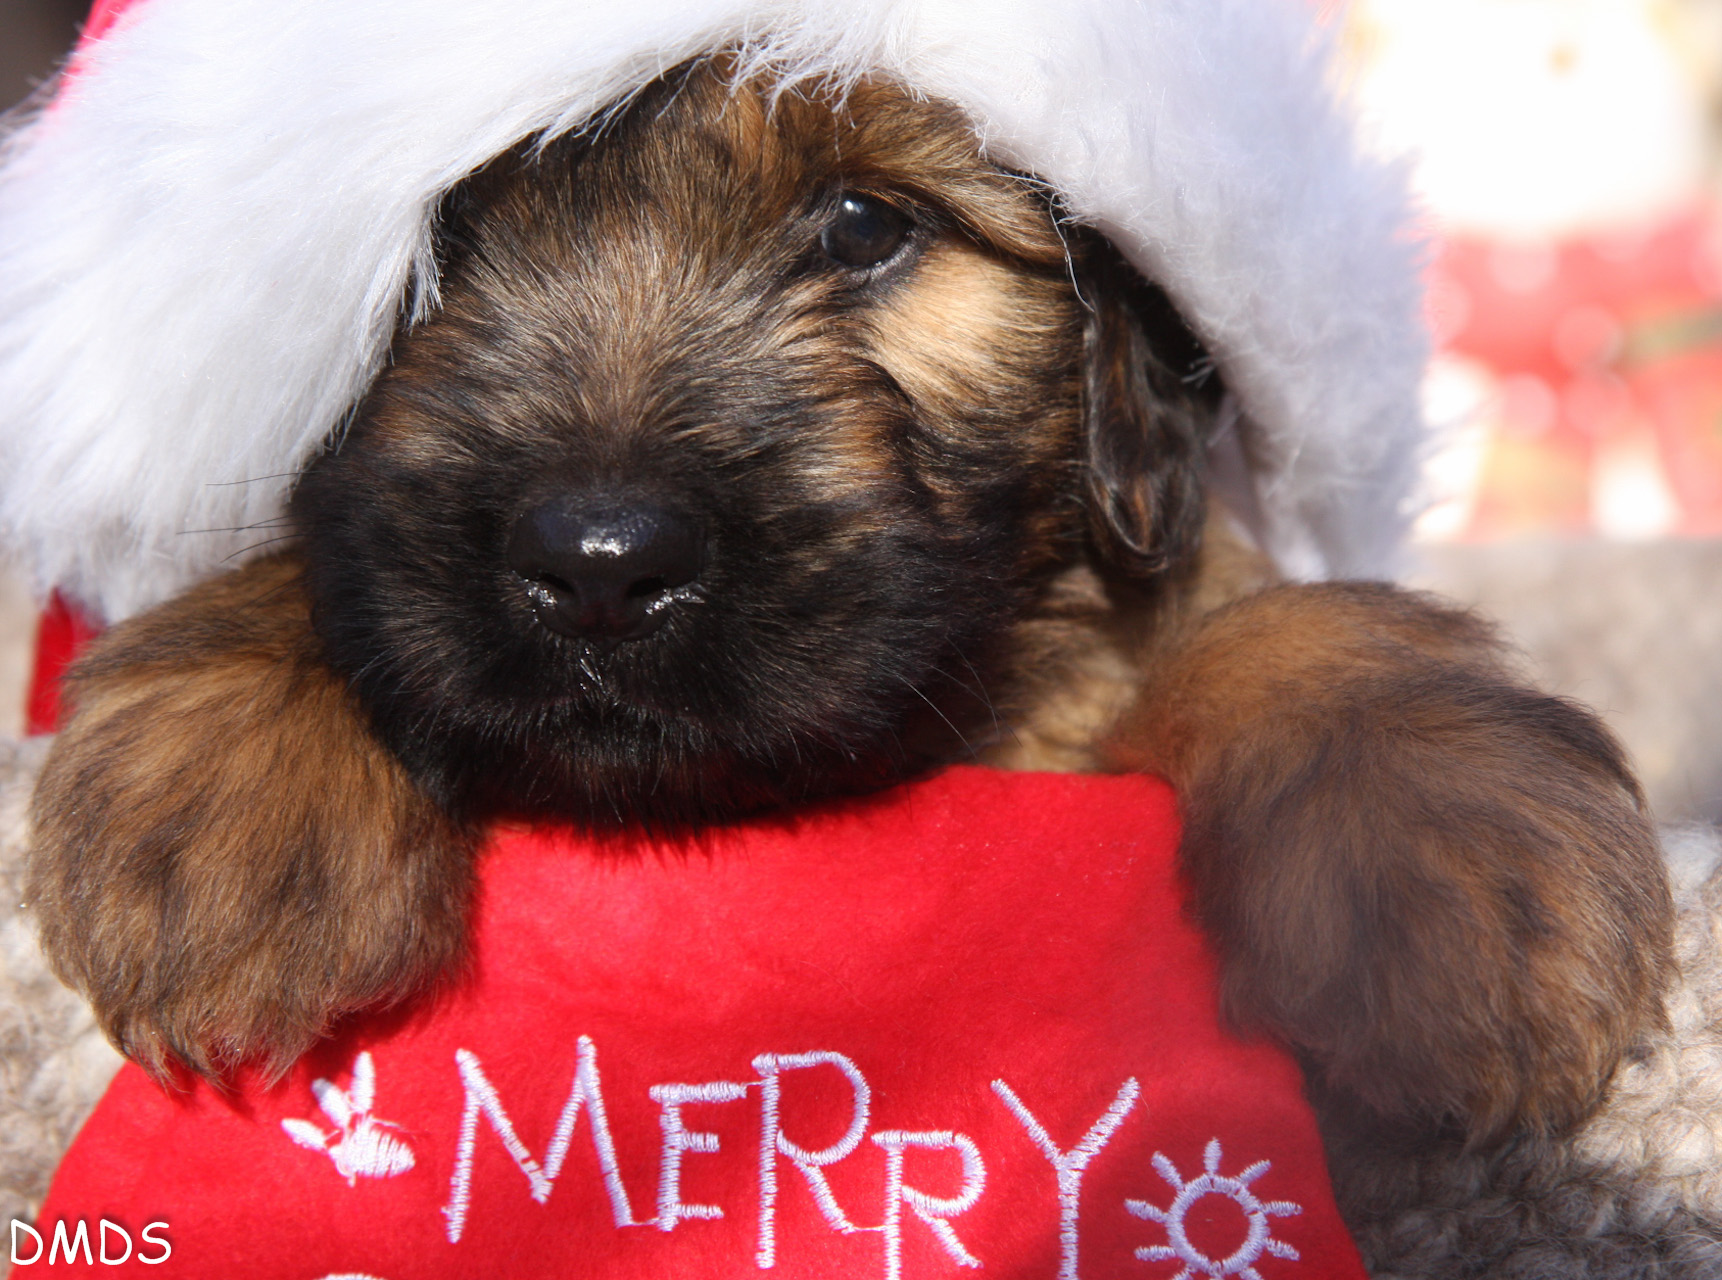 Unsere L2 Bärlis wünschen frohe Weihnachten!